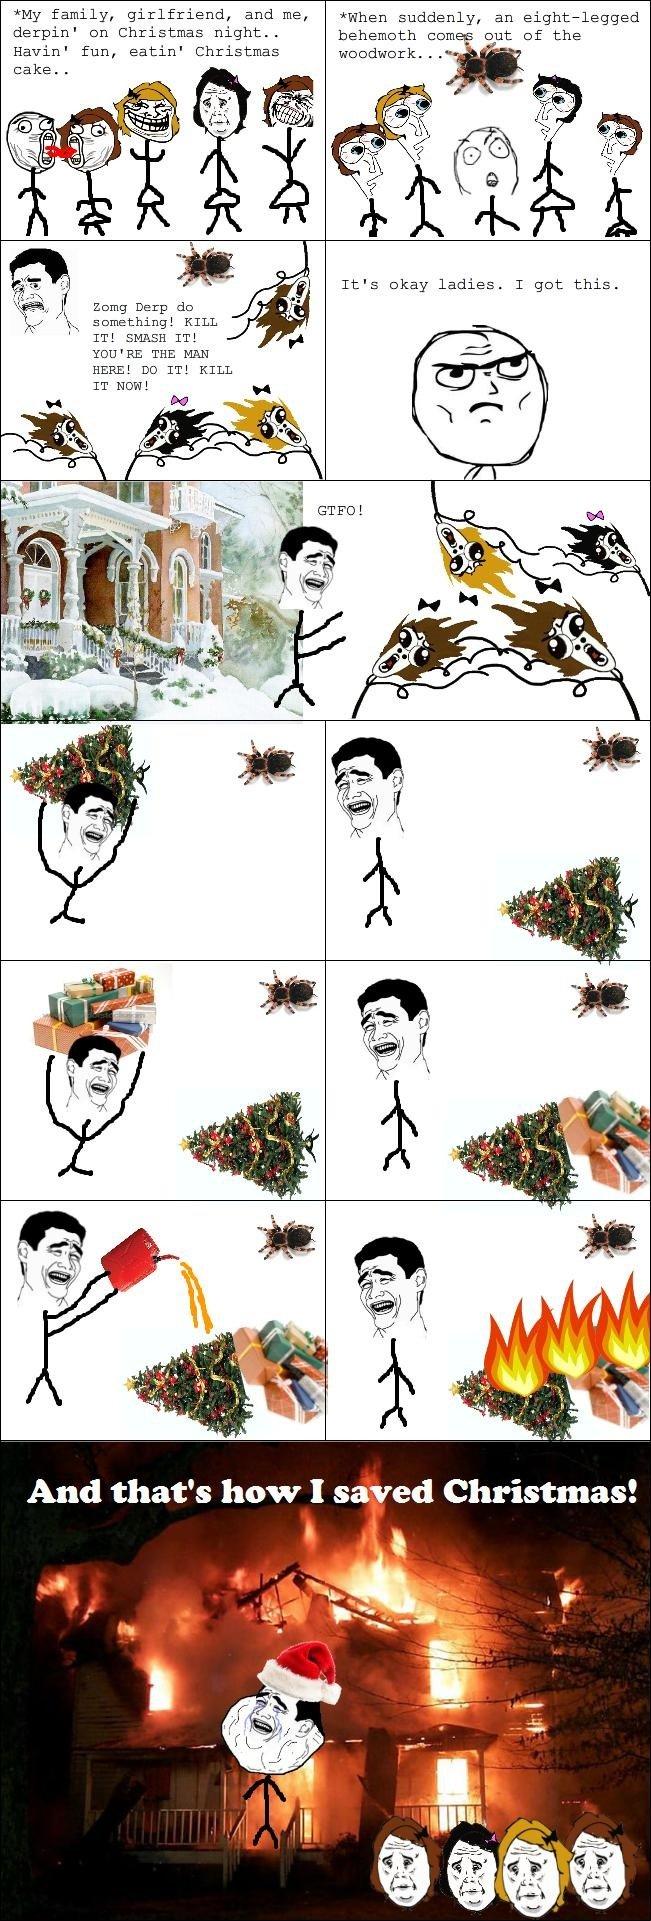 Saved Christmas